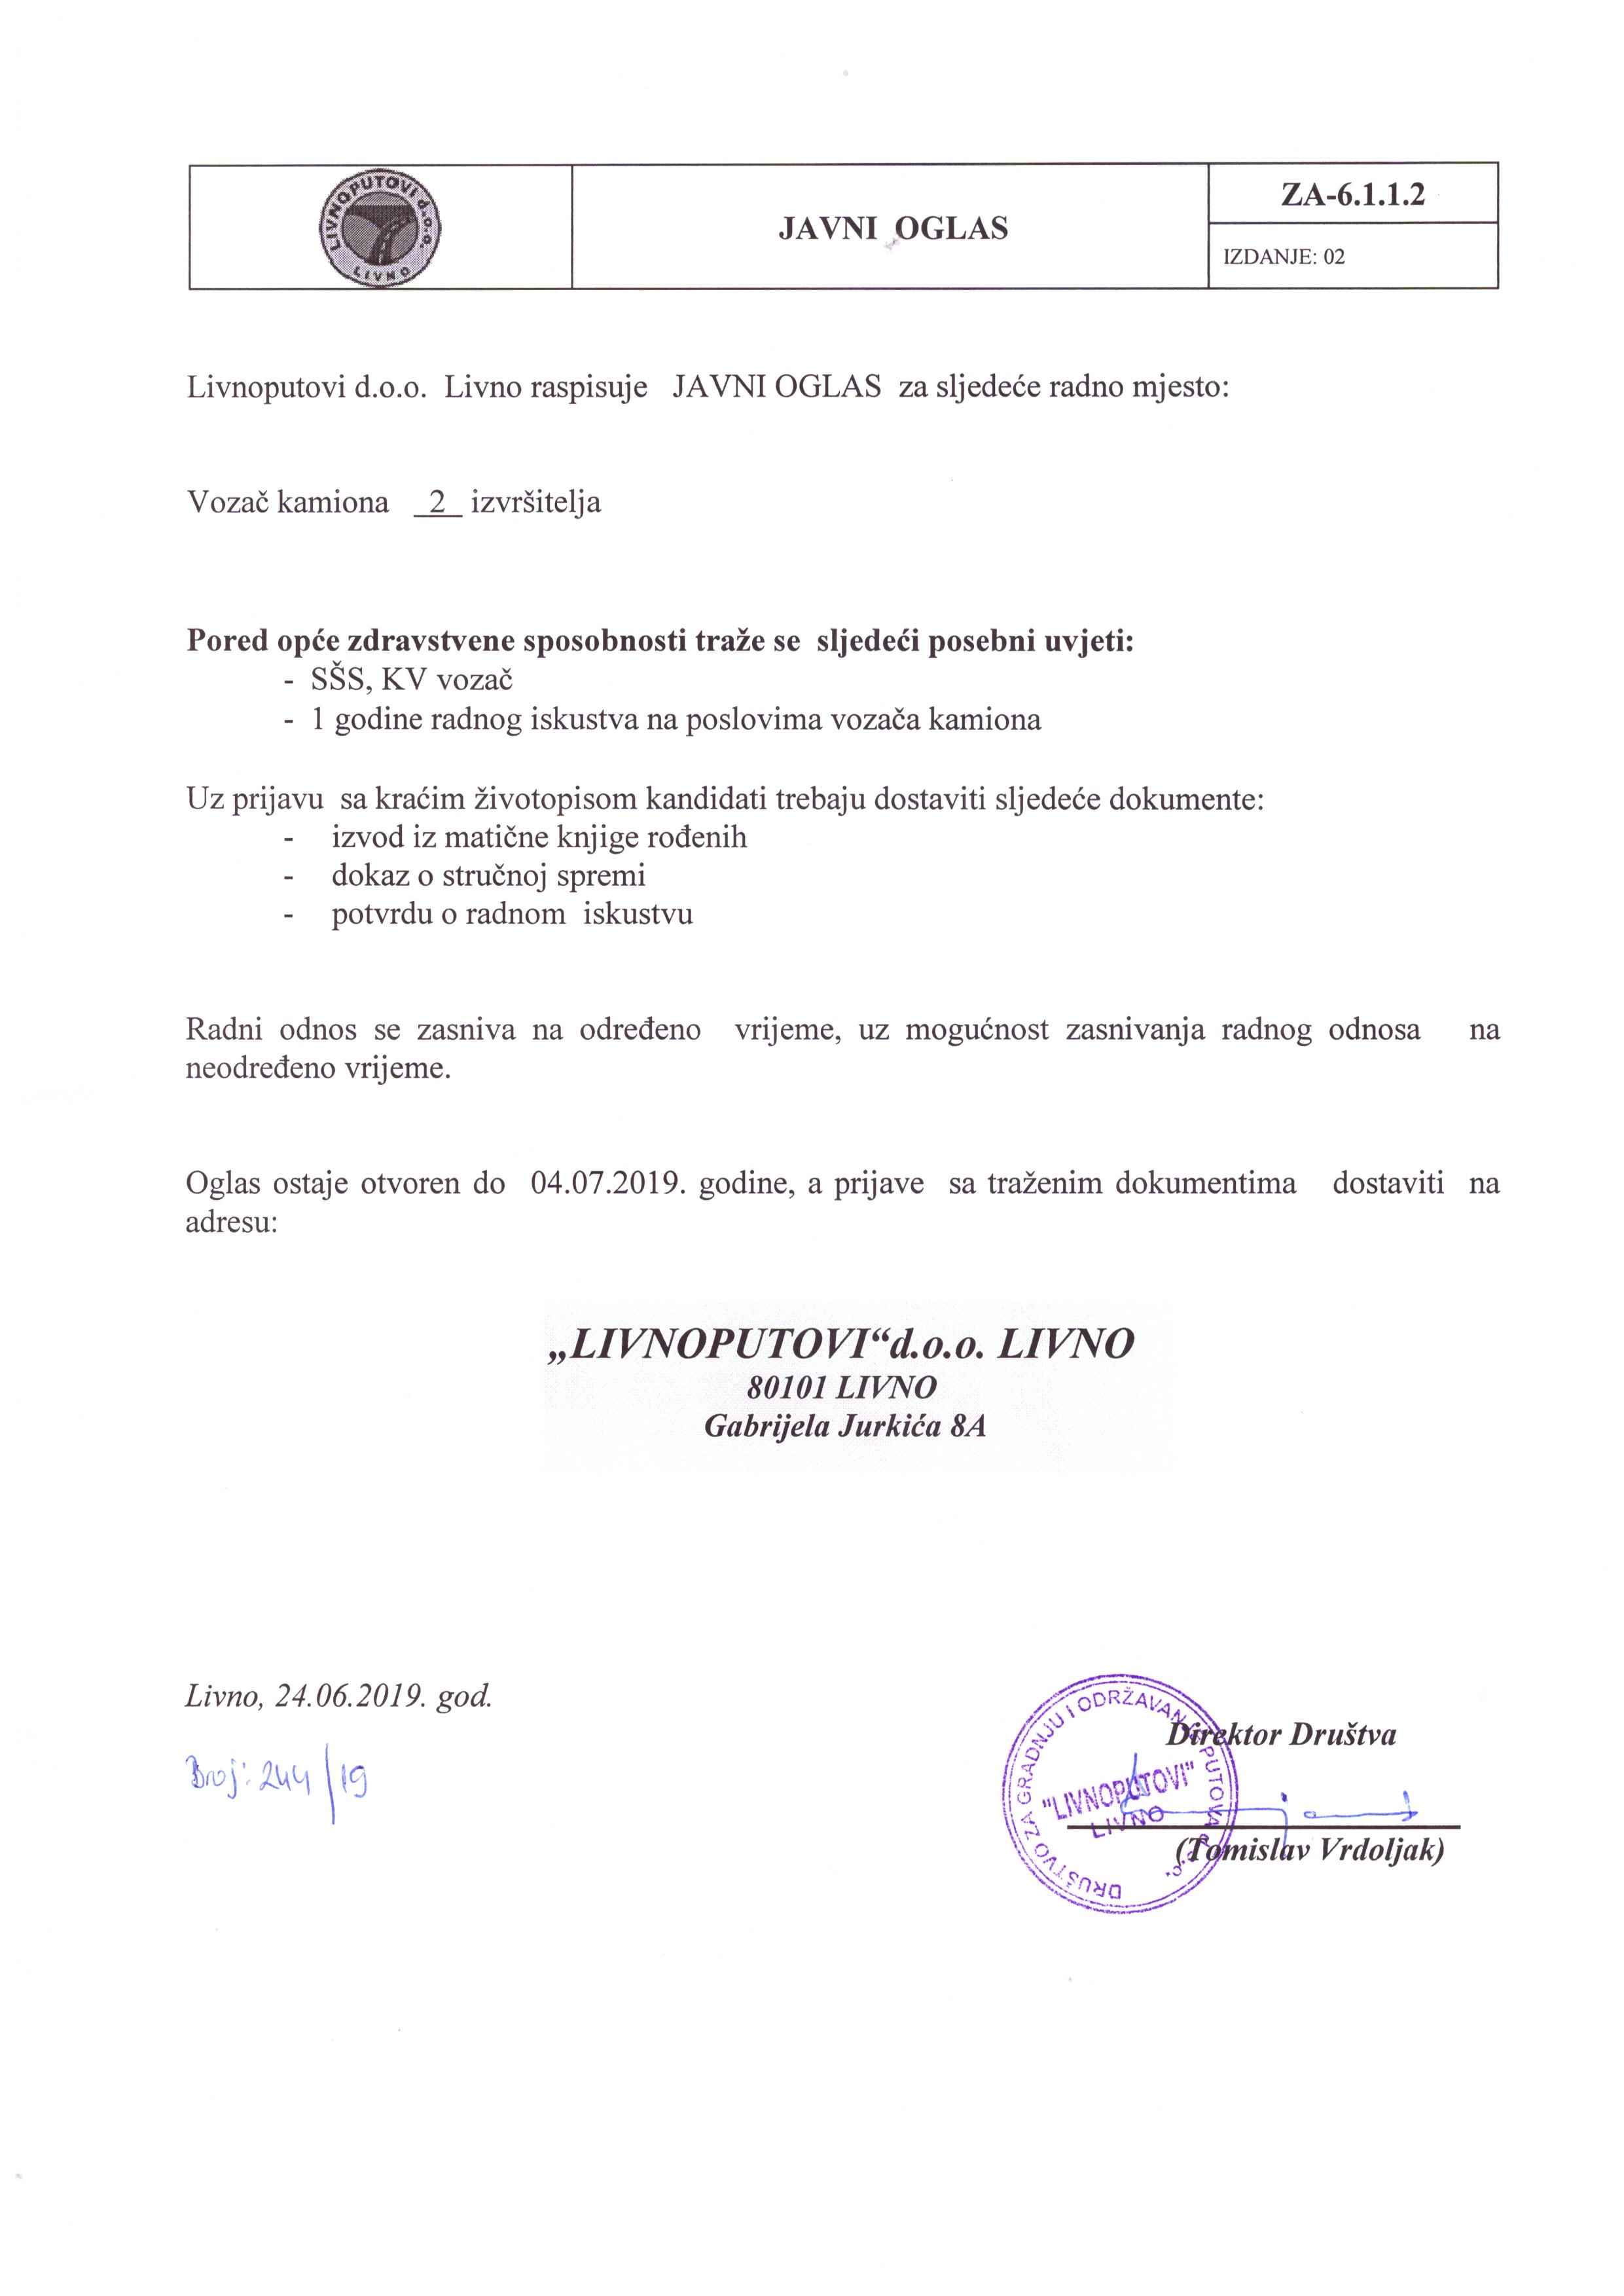 Vozač kamiona 2 izvršitelja- Livnoputovi d.o.o